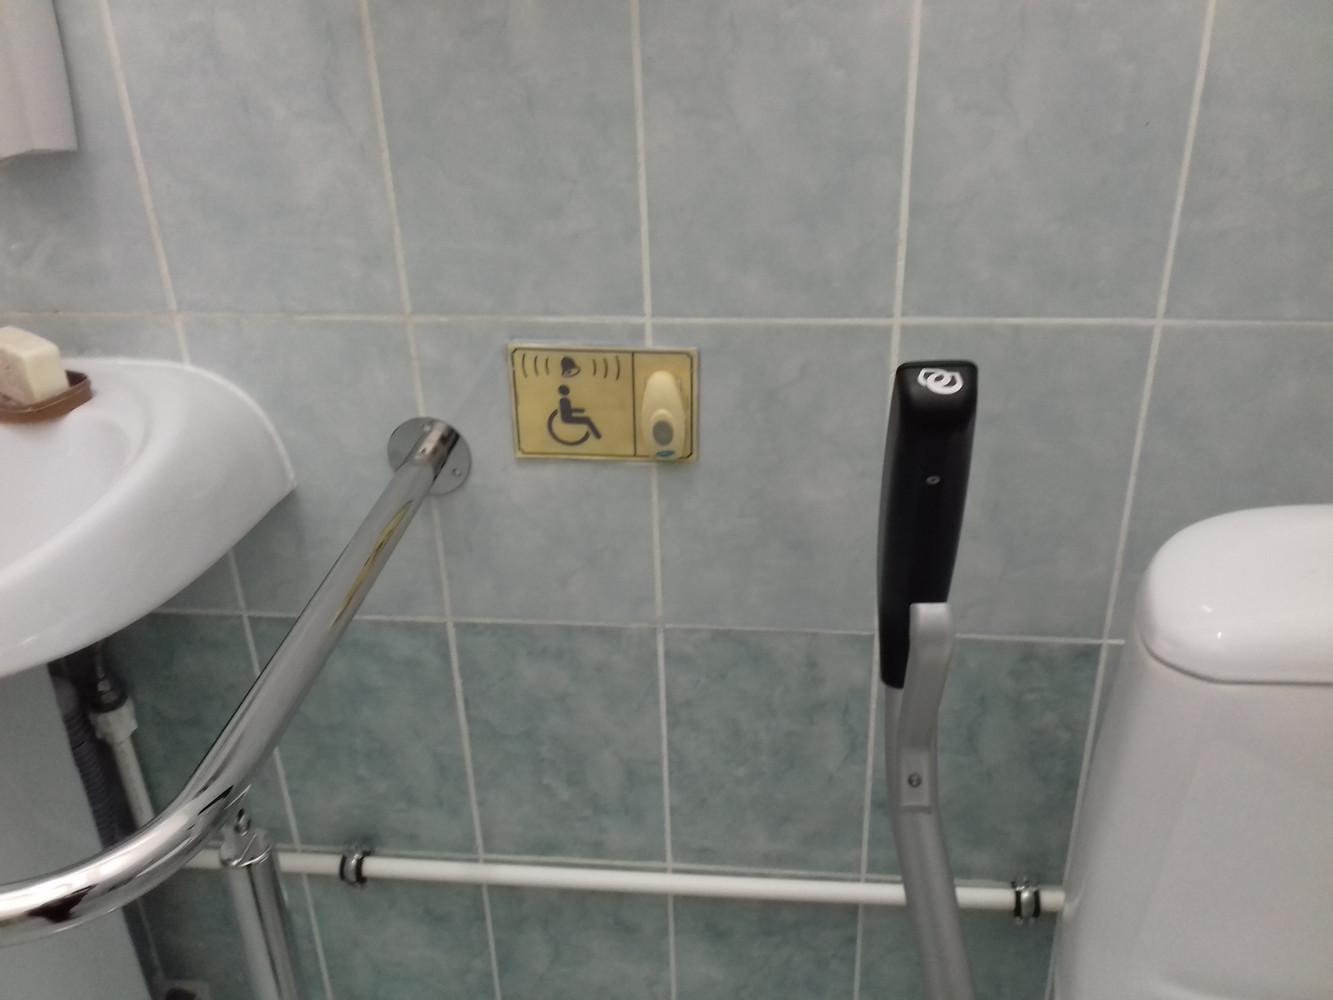 Тревожная кнопка в санитарной зоне